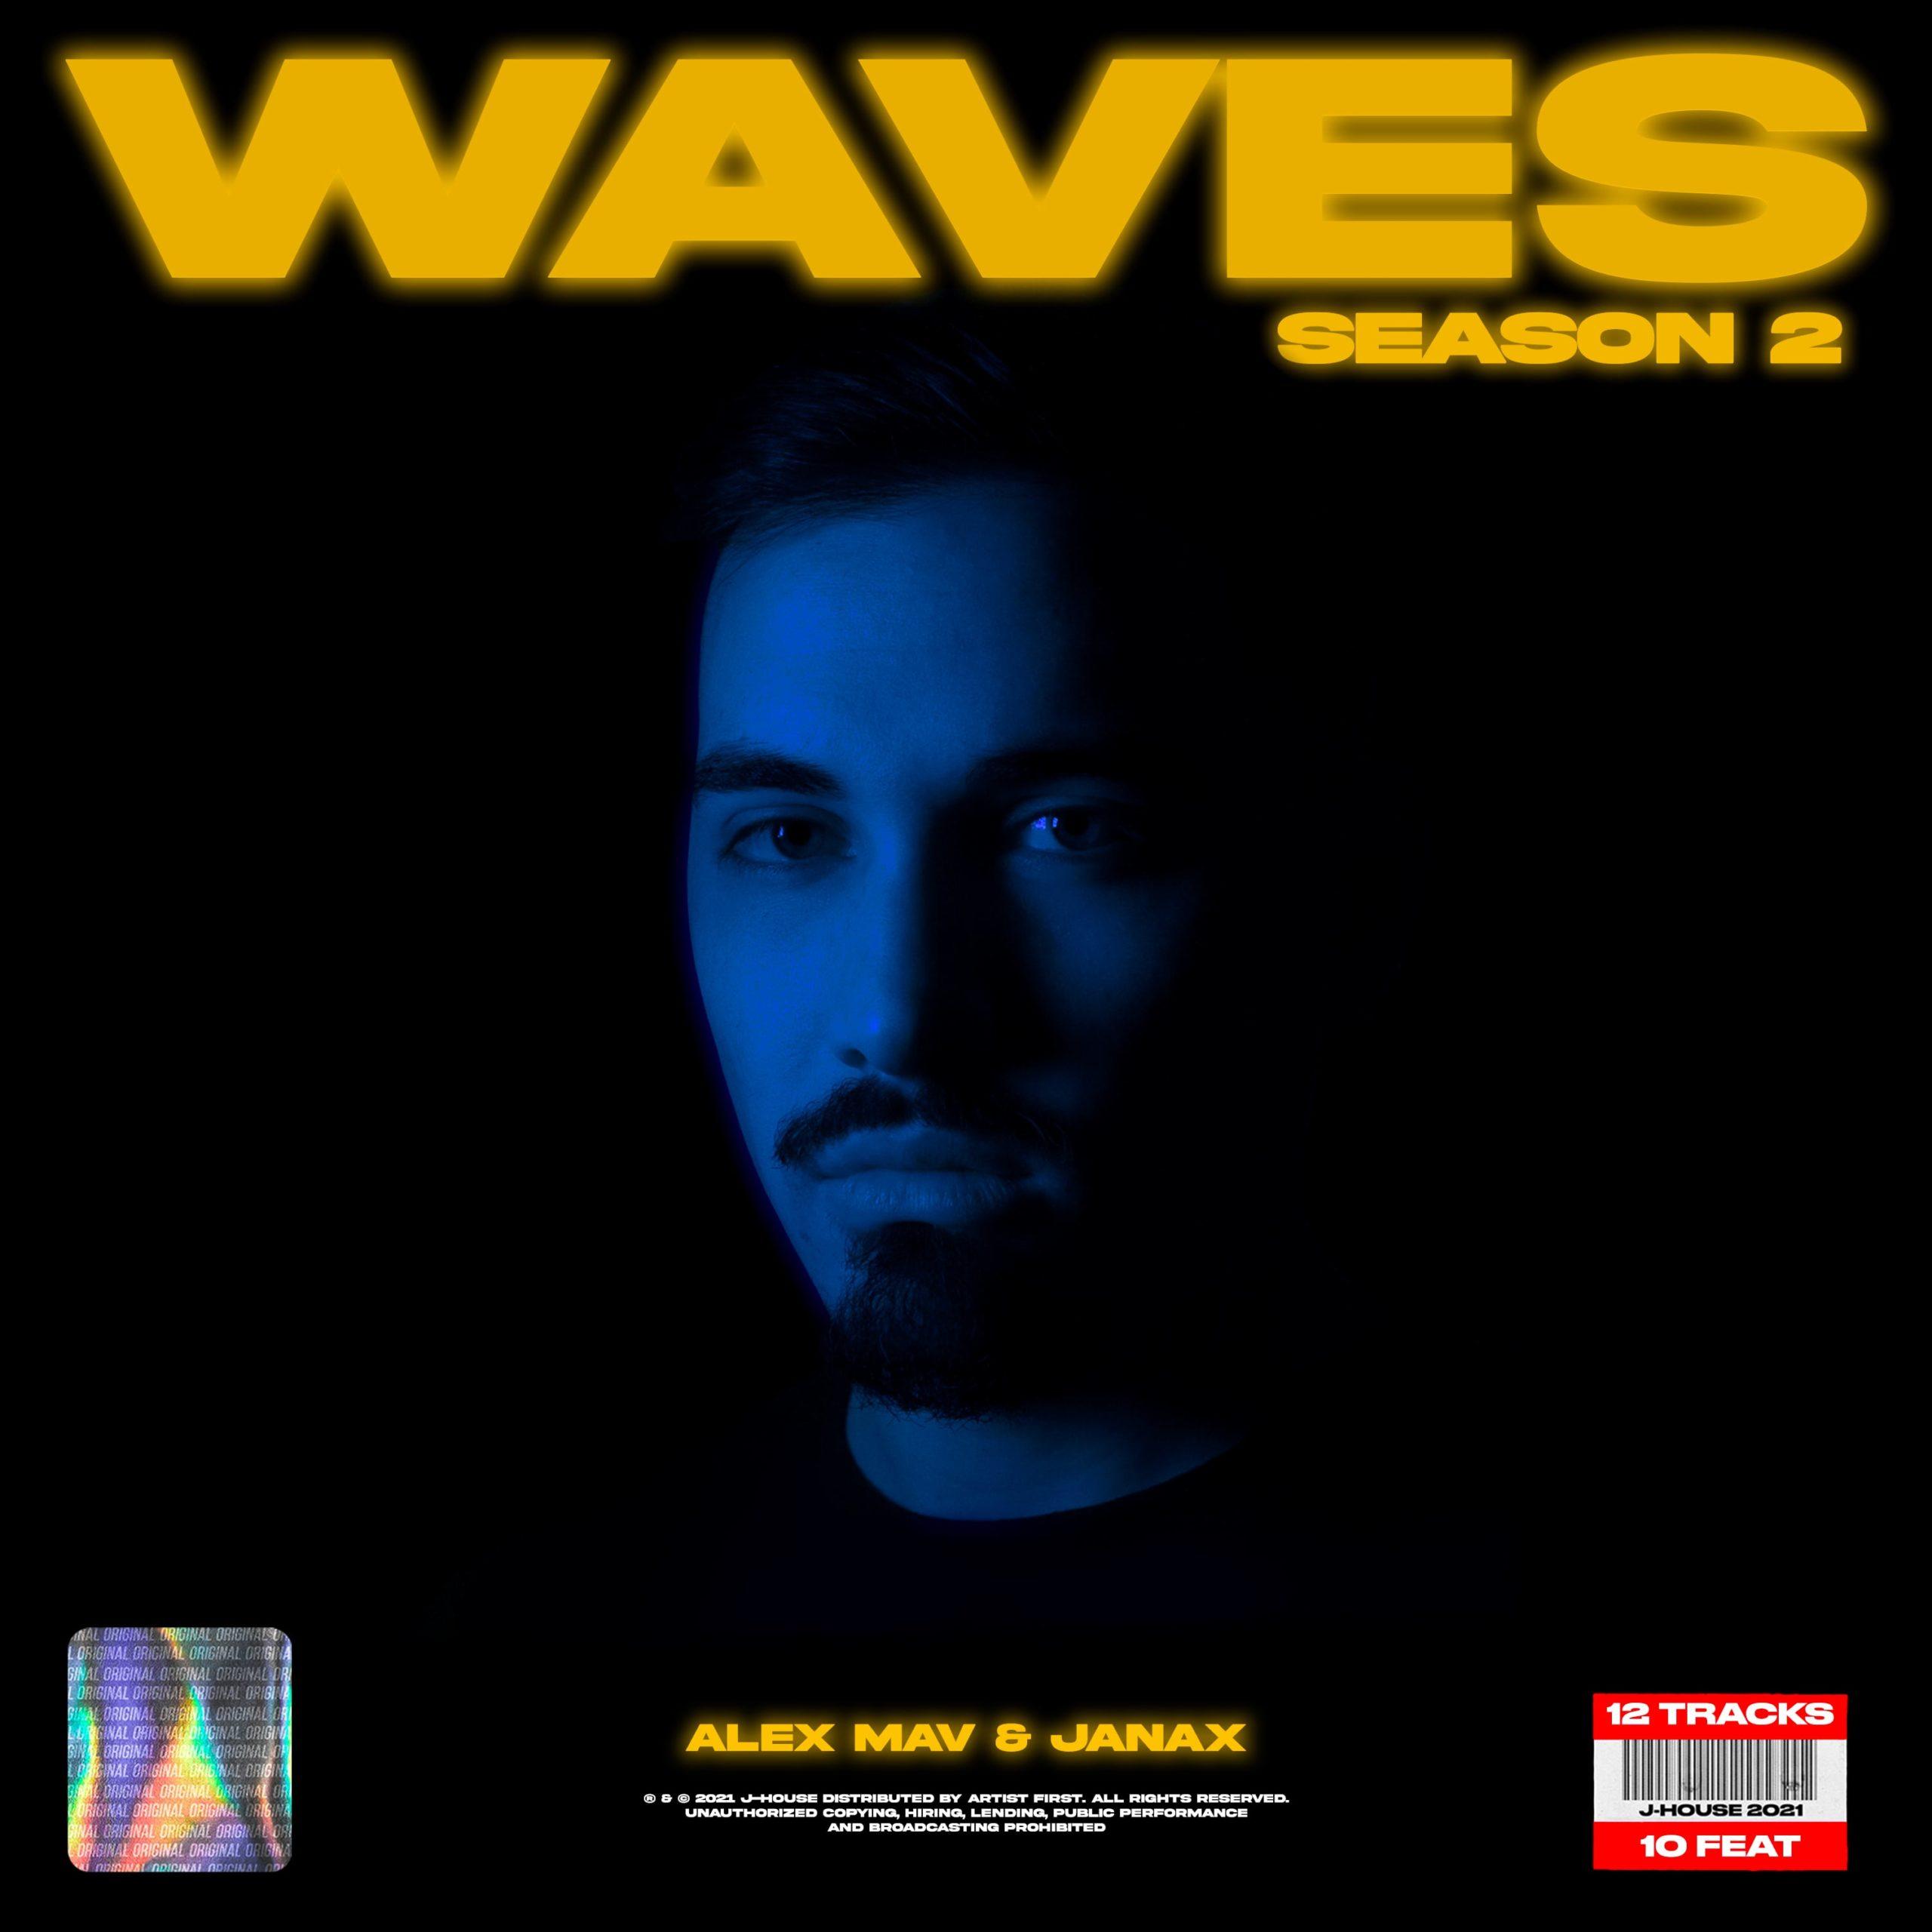 Waves Season 2